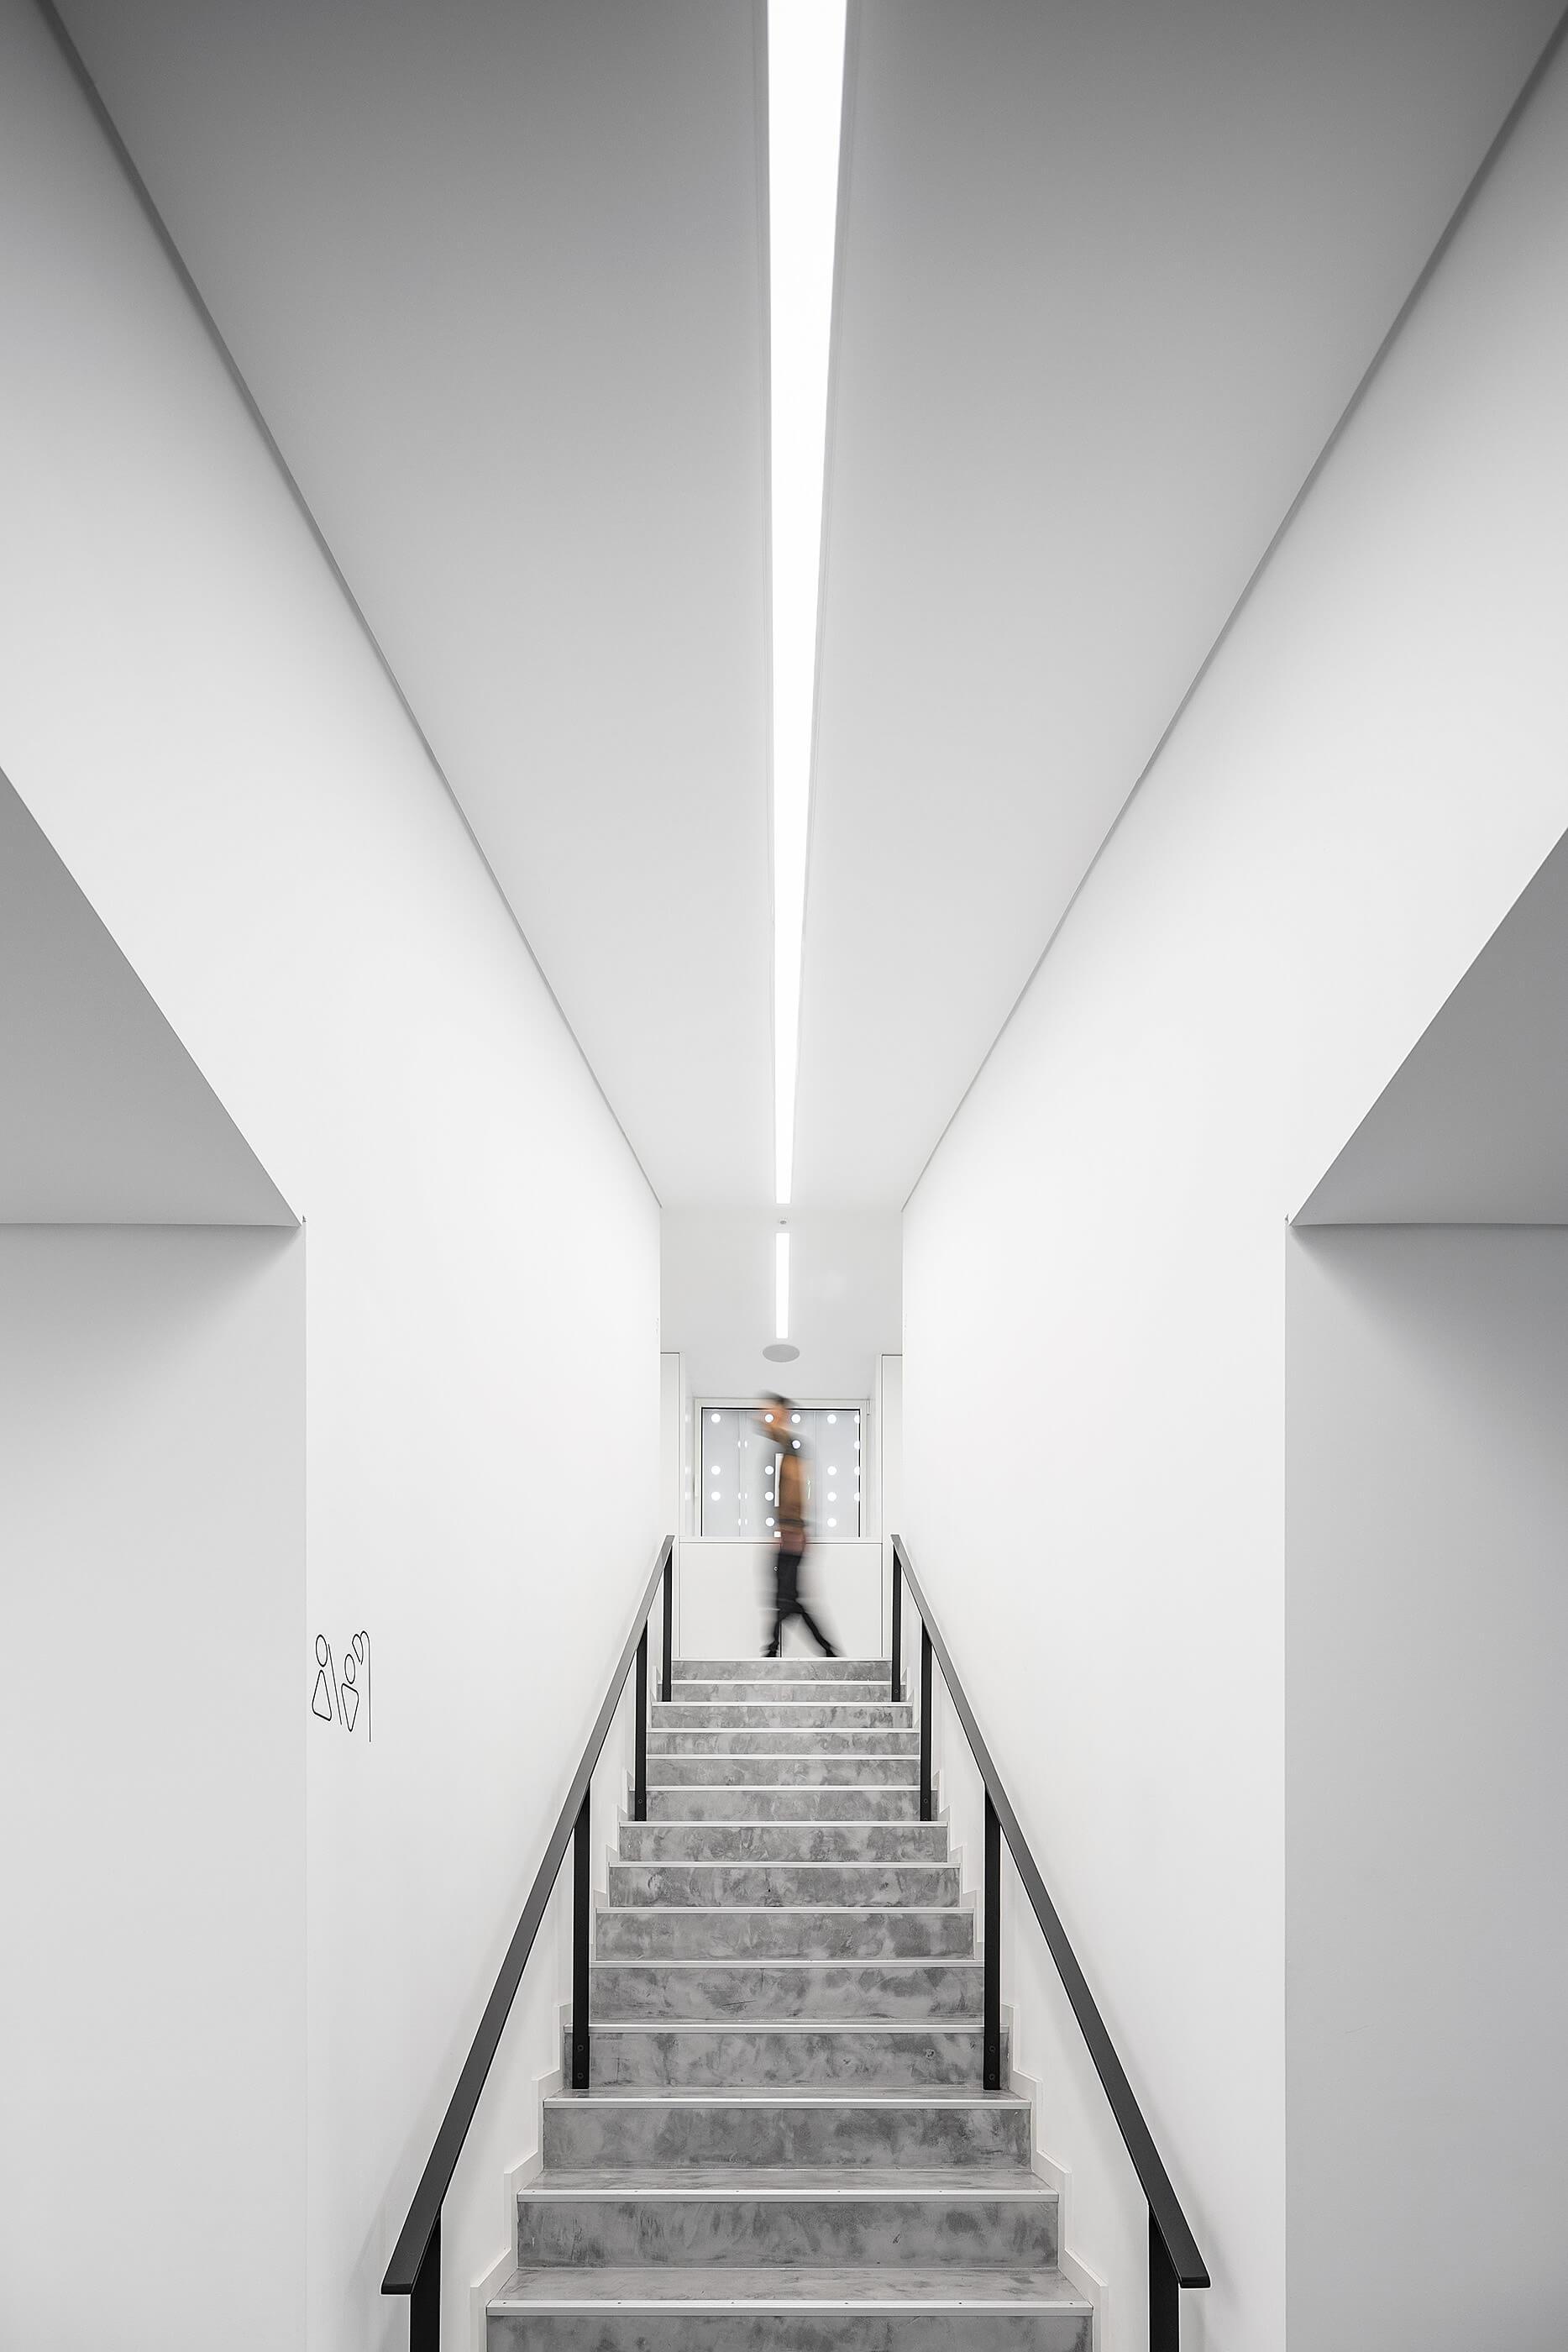 Reportagem Fotografia De Arquitectura Portuguesa Fotografo Ivo Tavares Studio Academia De Studioworkers.